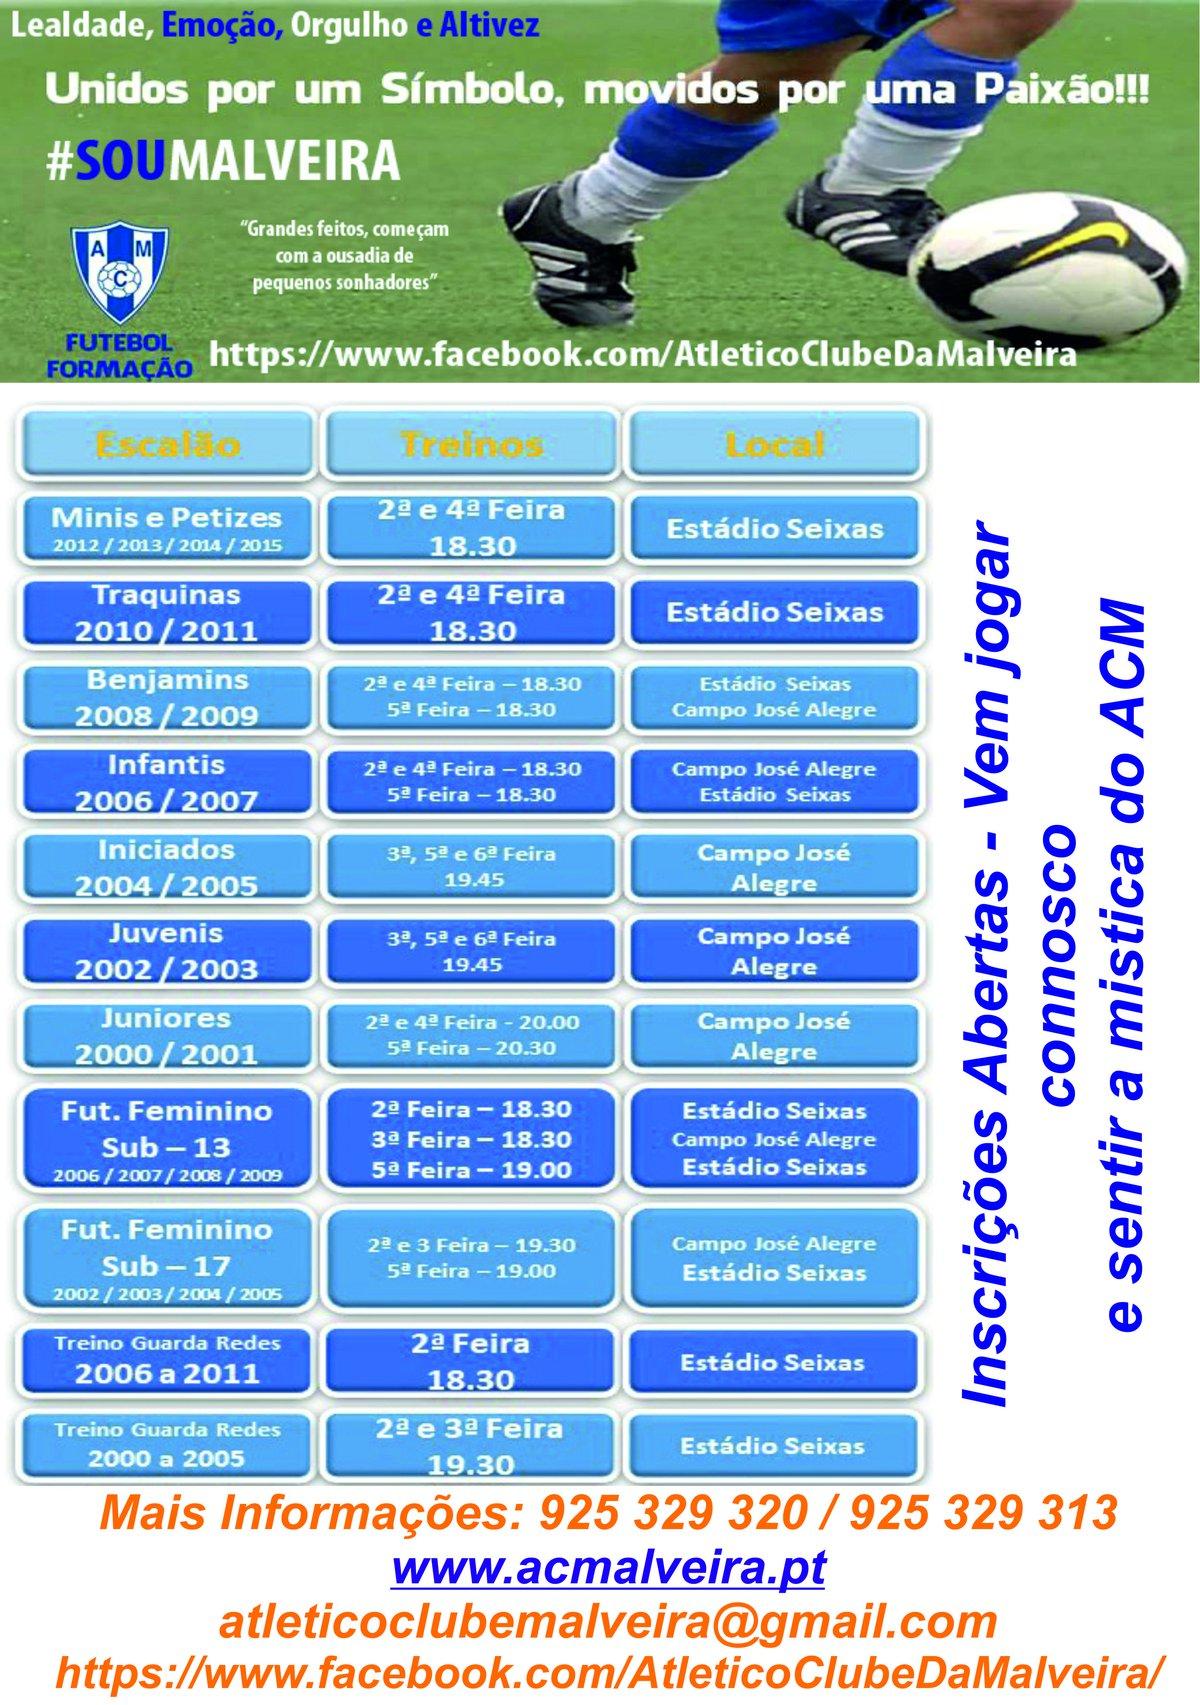 Futebol de Formação - Inscrições Abertas